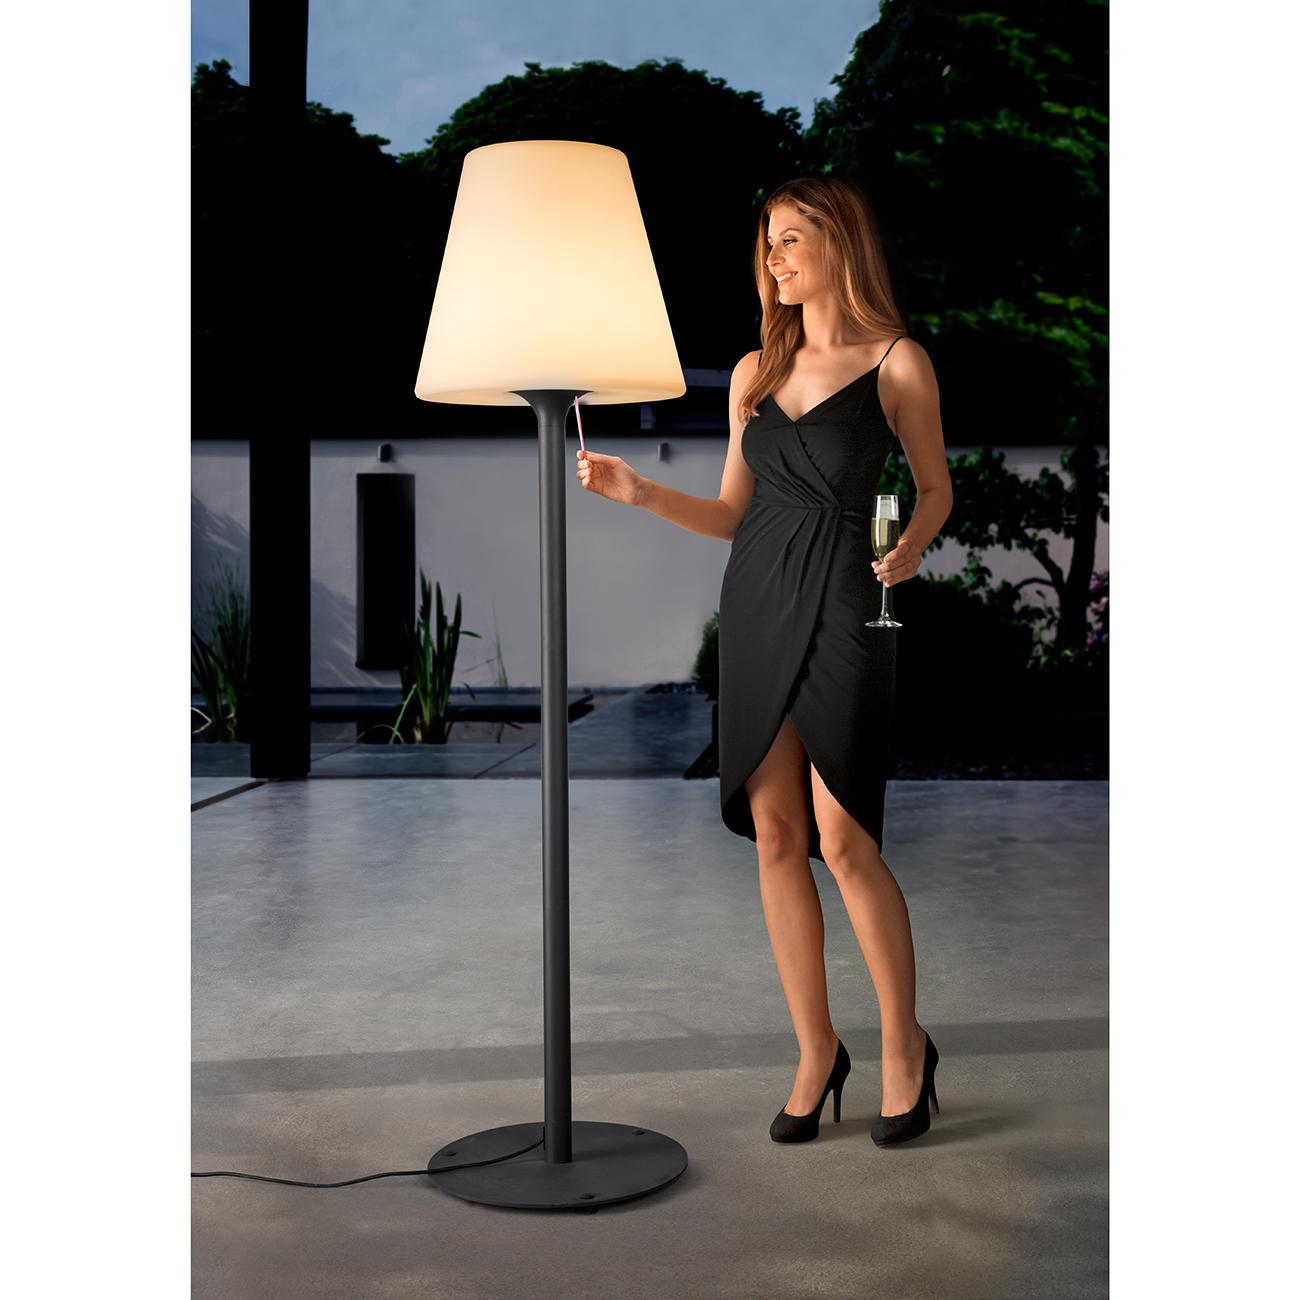 Lumisky 303235 Pro Stehlampe Xxl Outdoor Leuchte 187 Cm Weiss